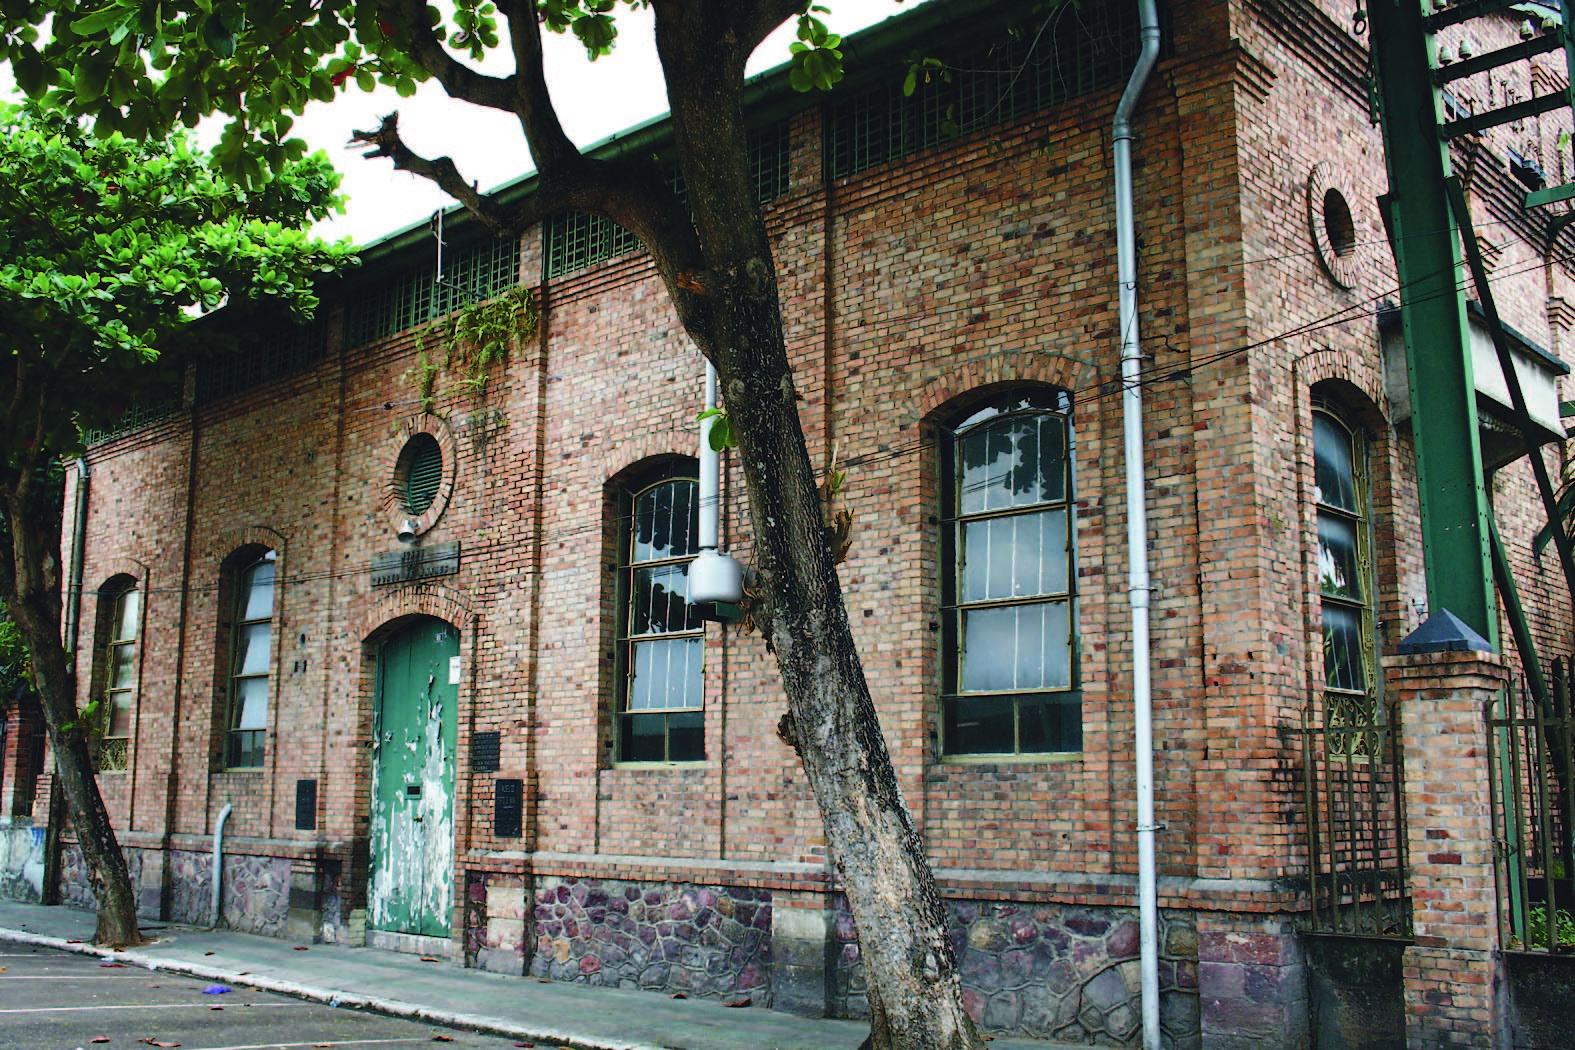 Fachada do Edifício do Museu do Porto